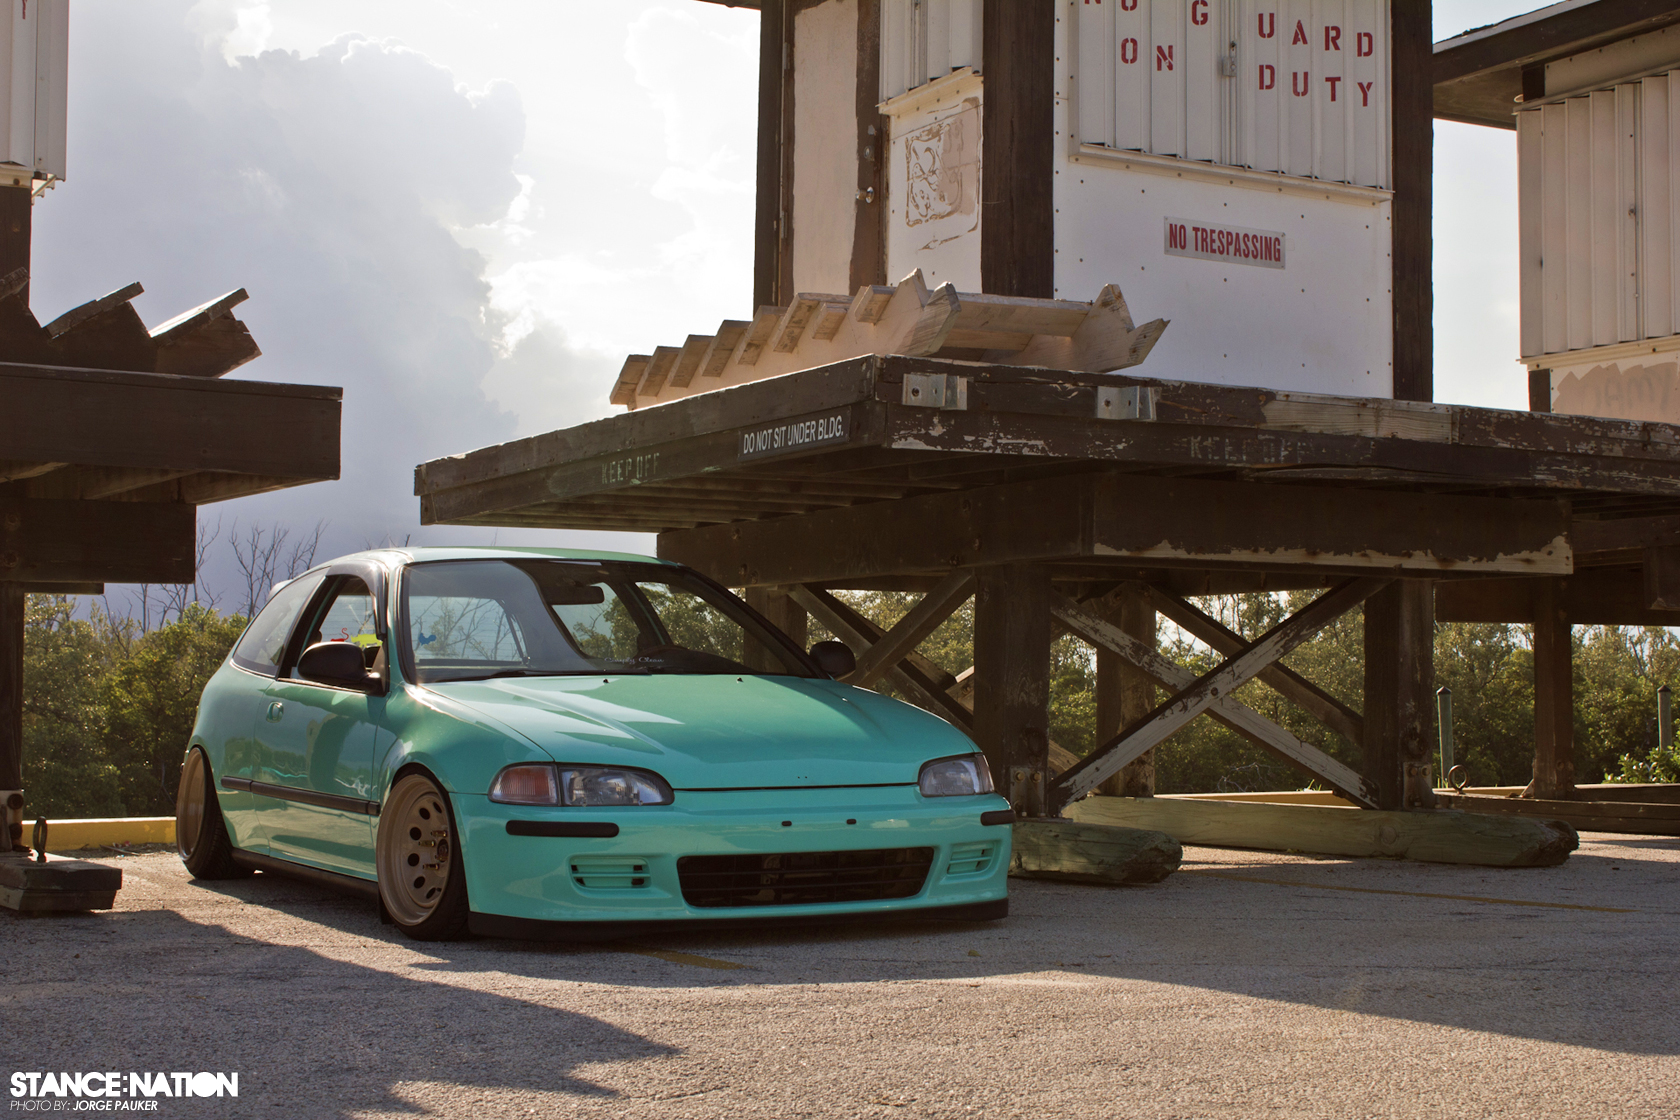 Honda Civic Hatchback Stance